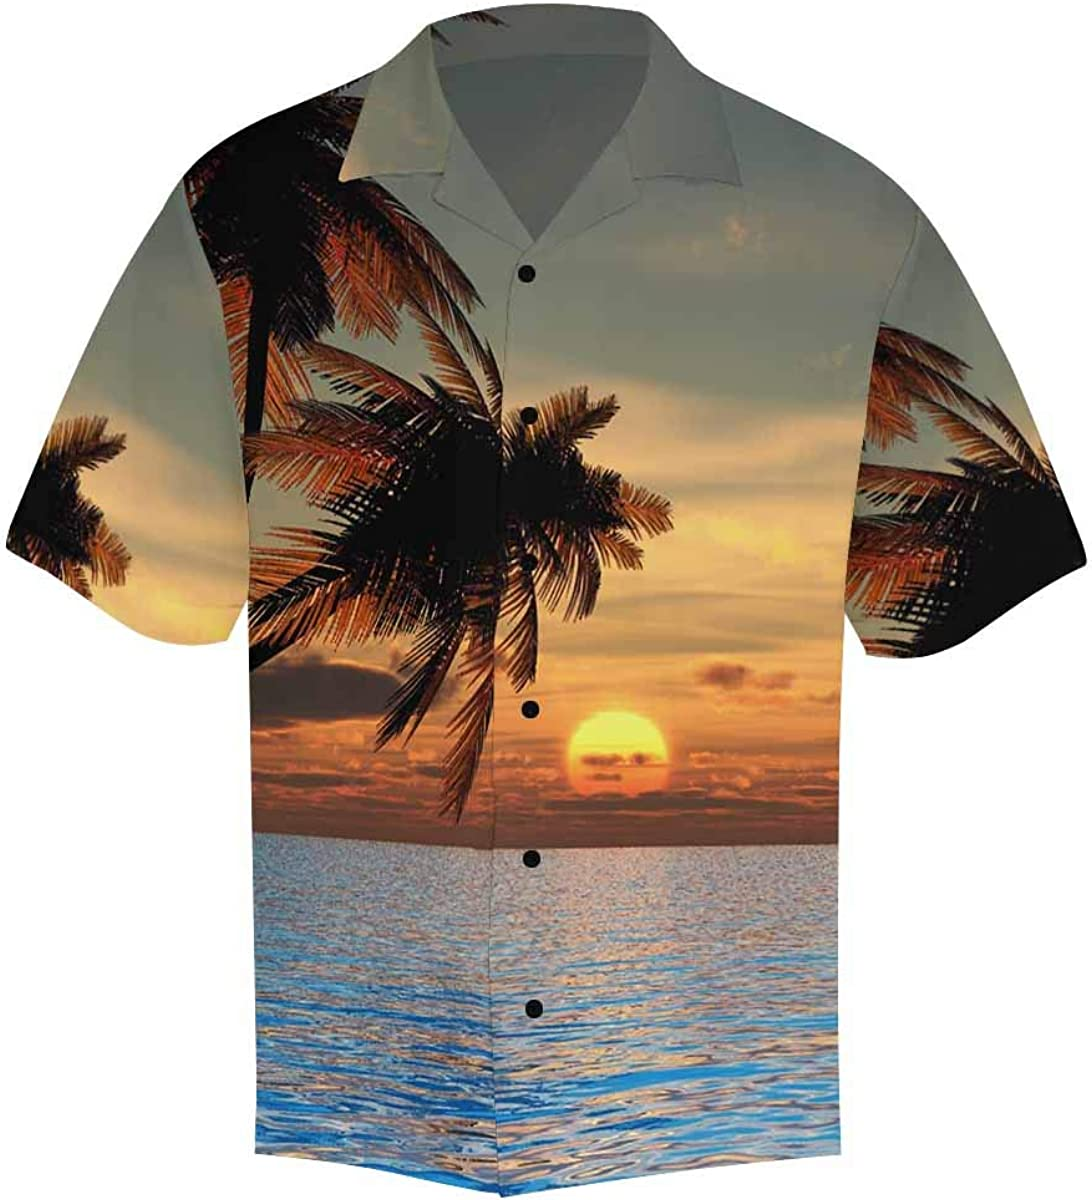 InterestPrint Men's Casual Button Down Short Sleeve Sunset Coconut Palm Trees Hawaiian Shirt (S-5XL)